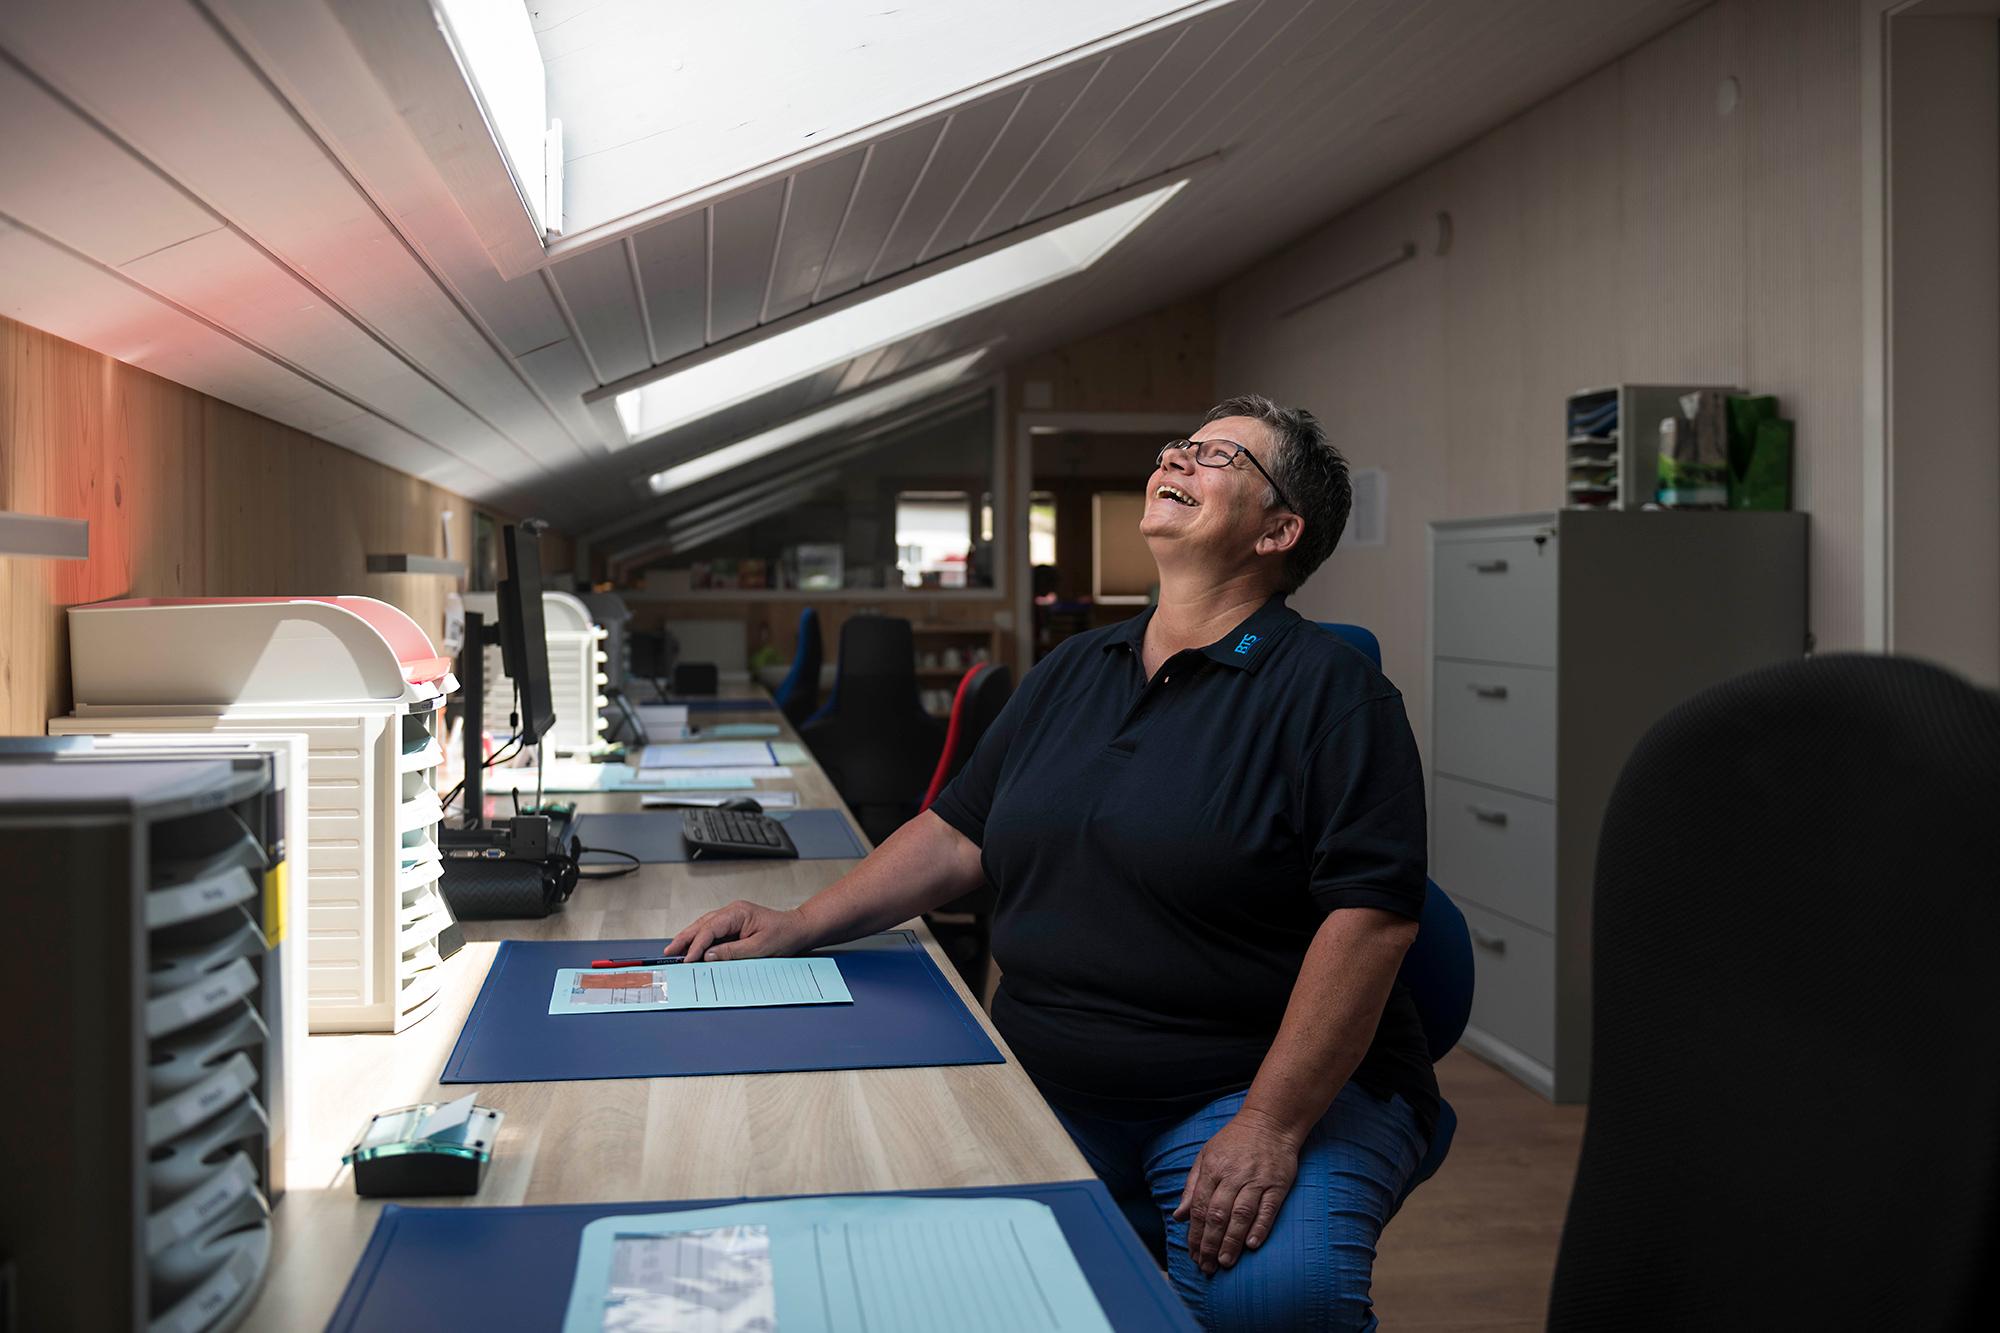 Heidi Hertig-Käsermann, Bau-Trocknung-Service BTS AG aspetta l'attivazione di internet veloce a Balsthal